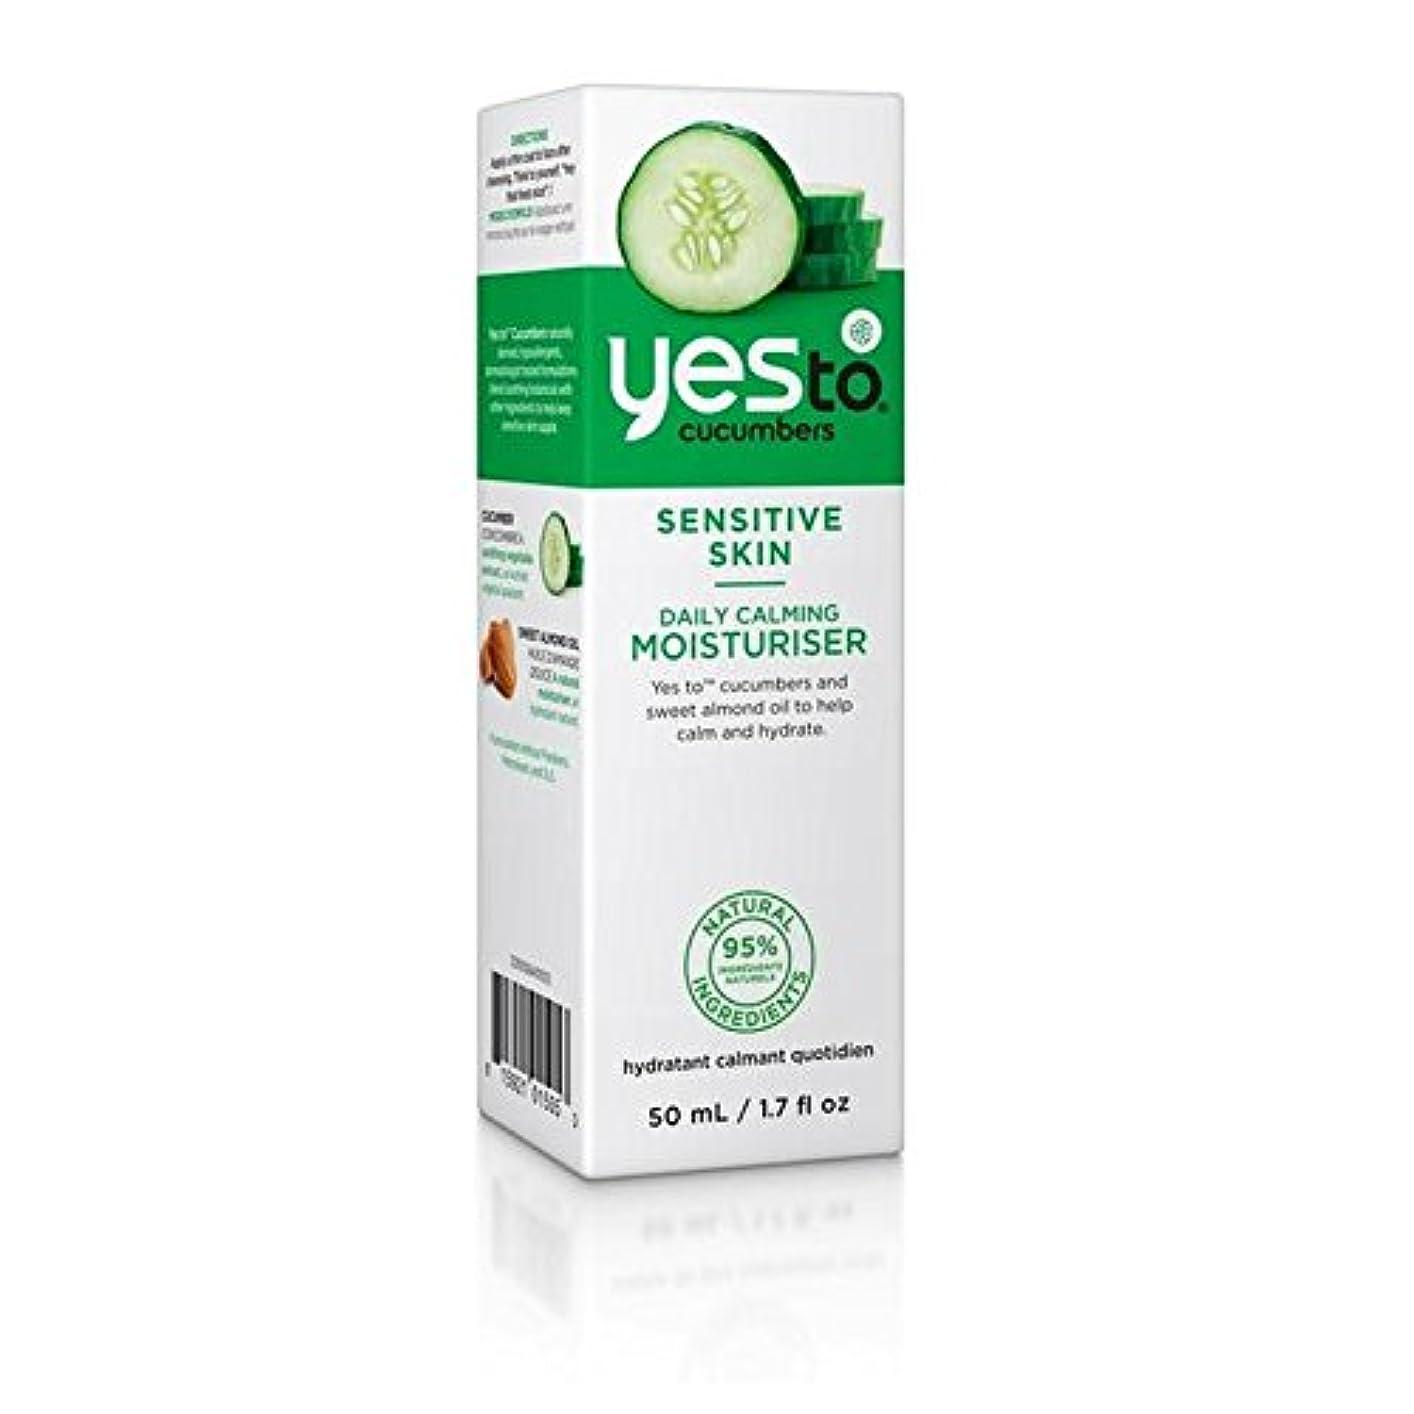 はいキュウリ保湿50ミリリットルへ x4 - Yes to Cucumbers Moisturiser 50ml (Pack of 4) [並行輸入品]